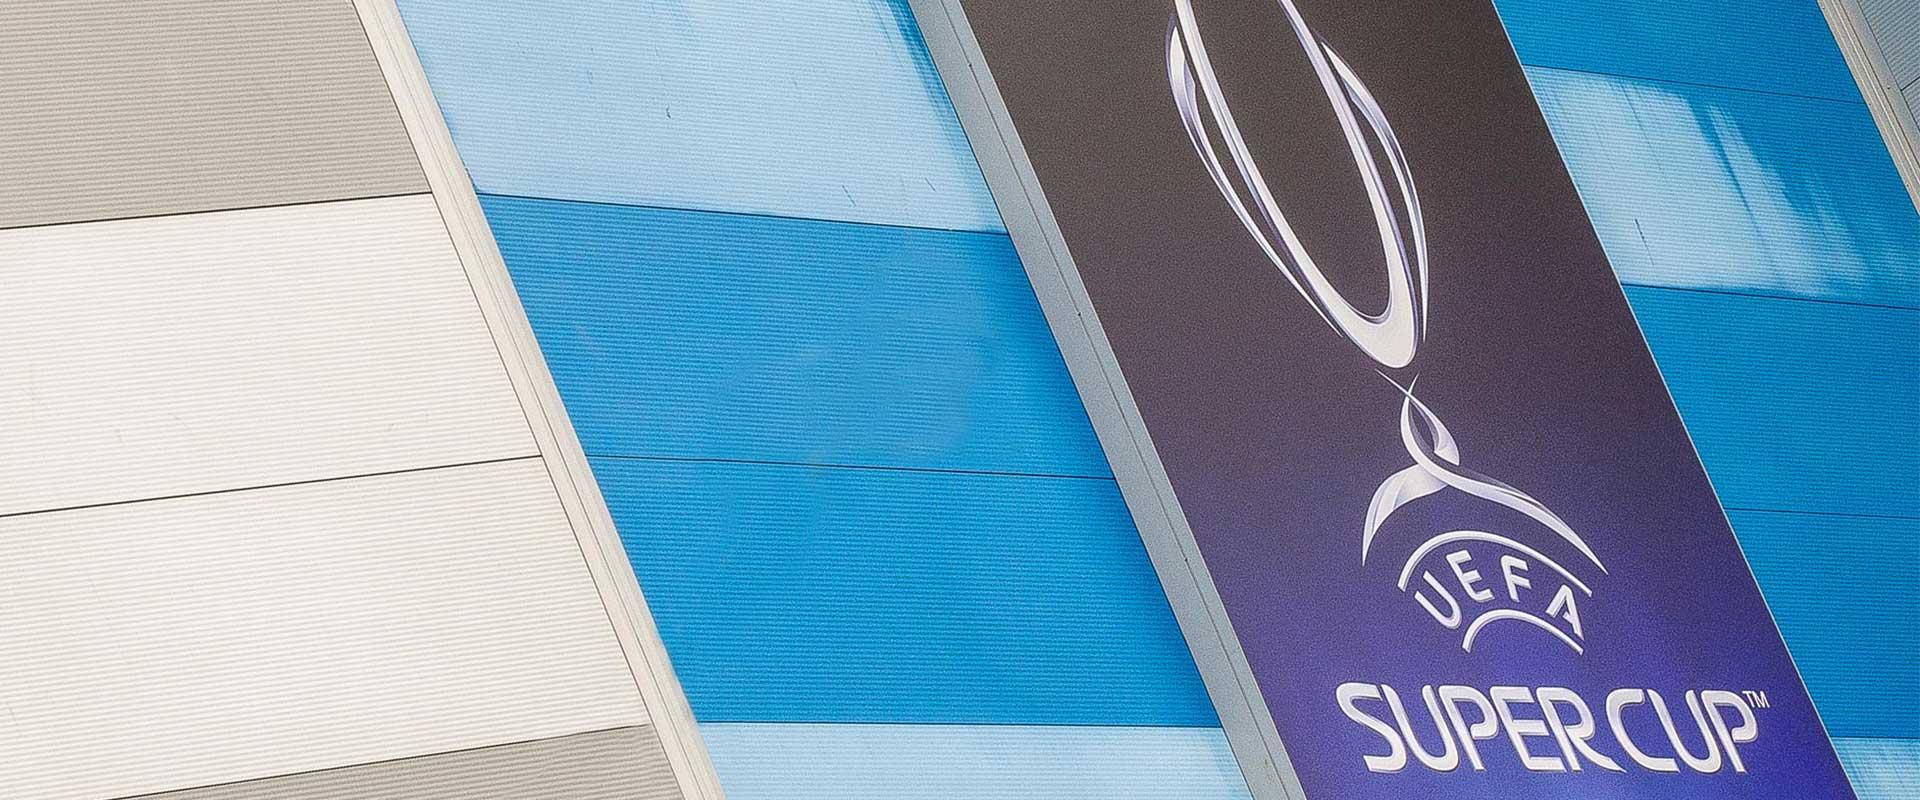 UEFA Super cup stadium branding